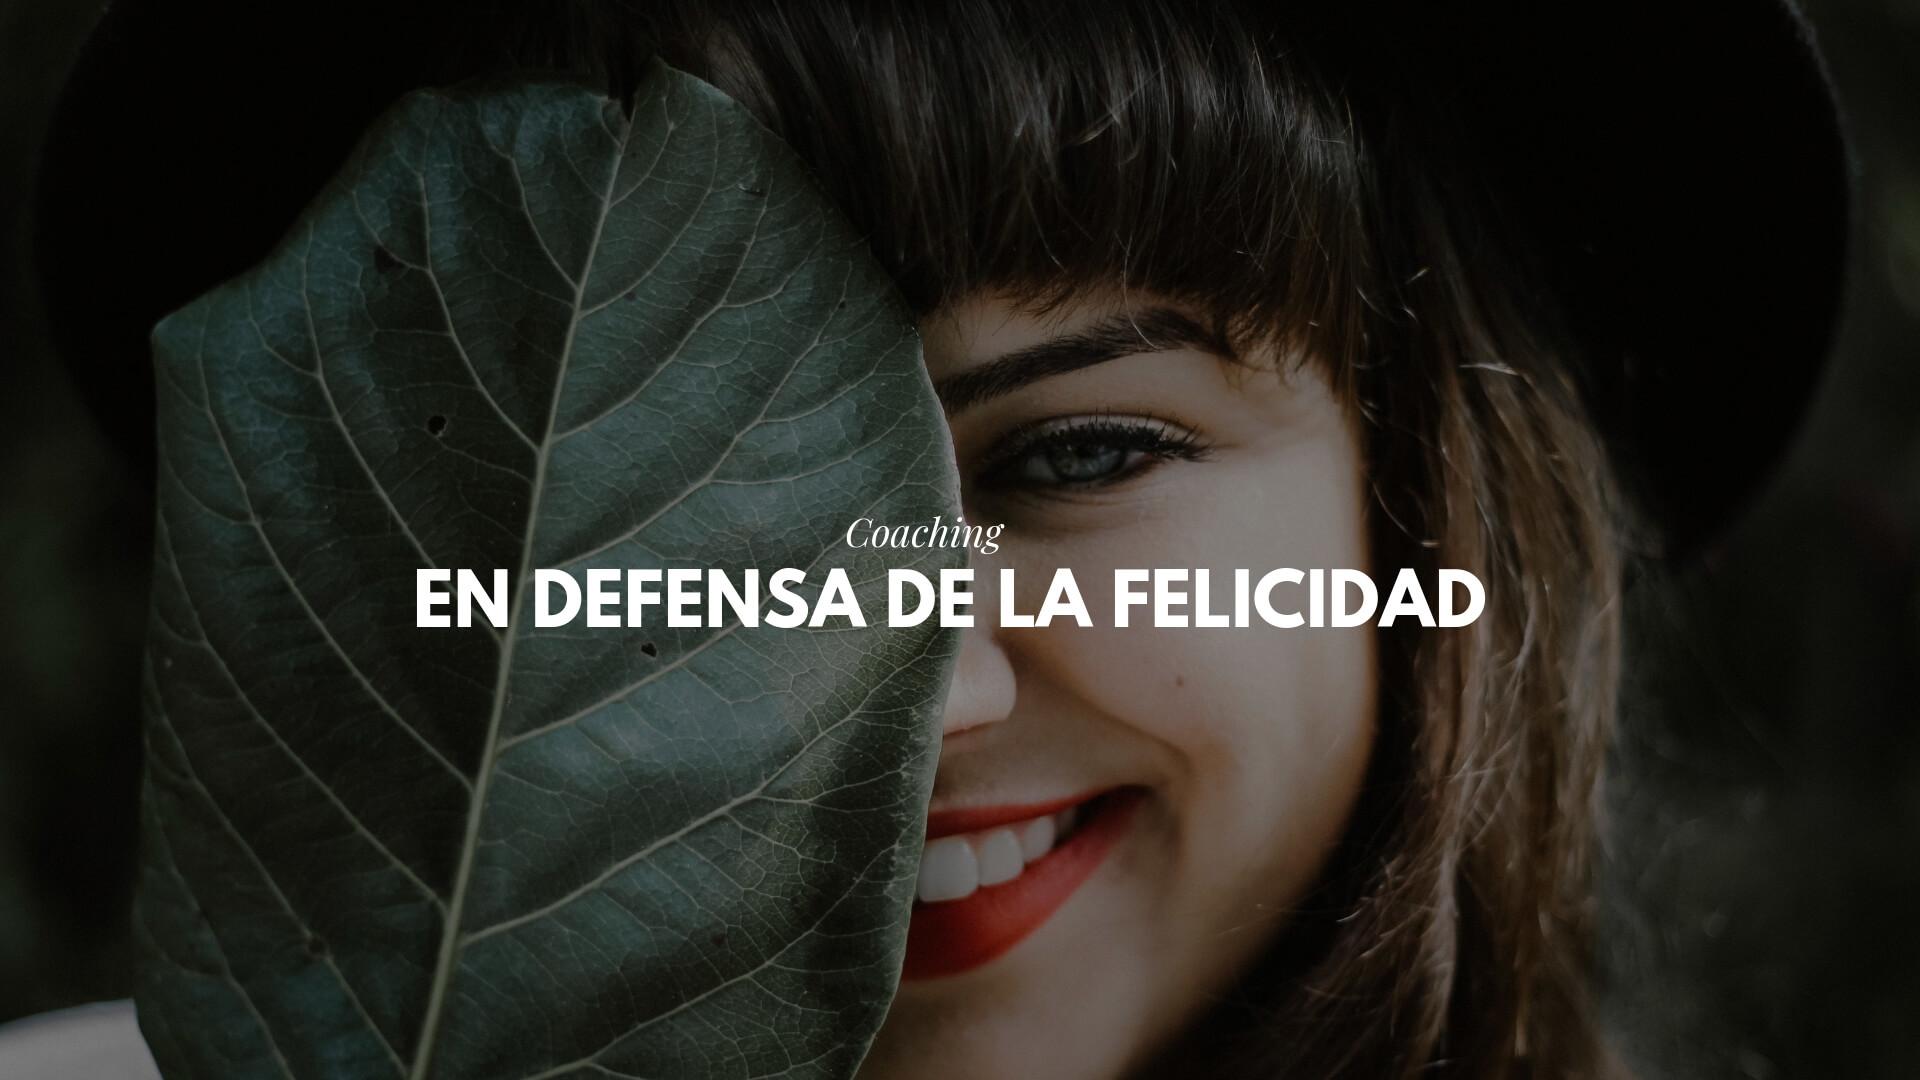 En defensa de la felicidad